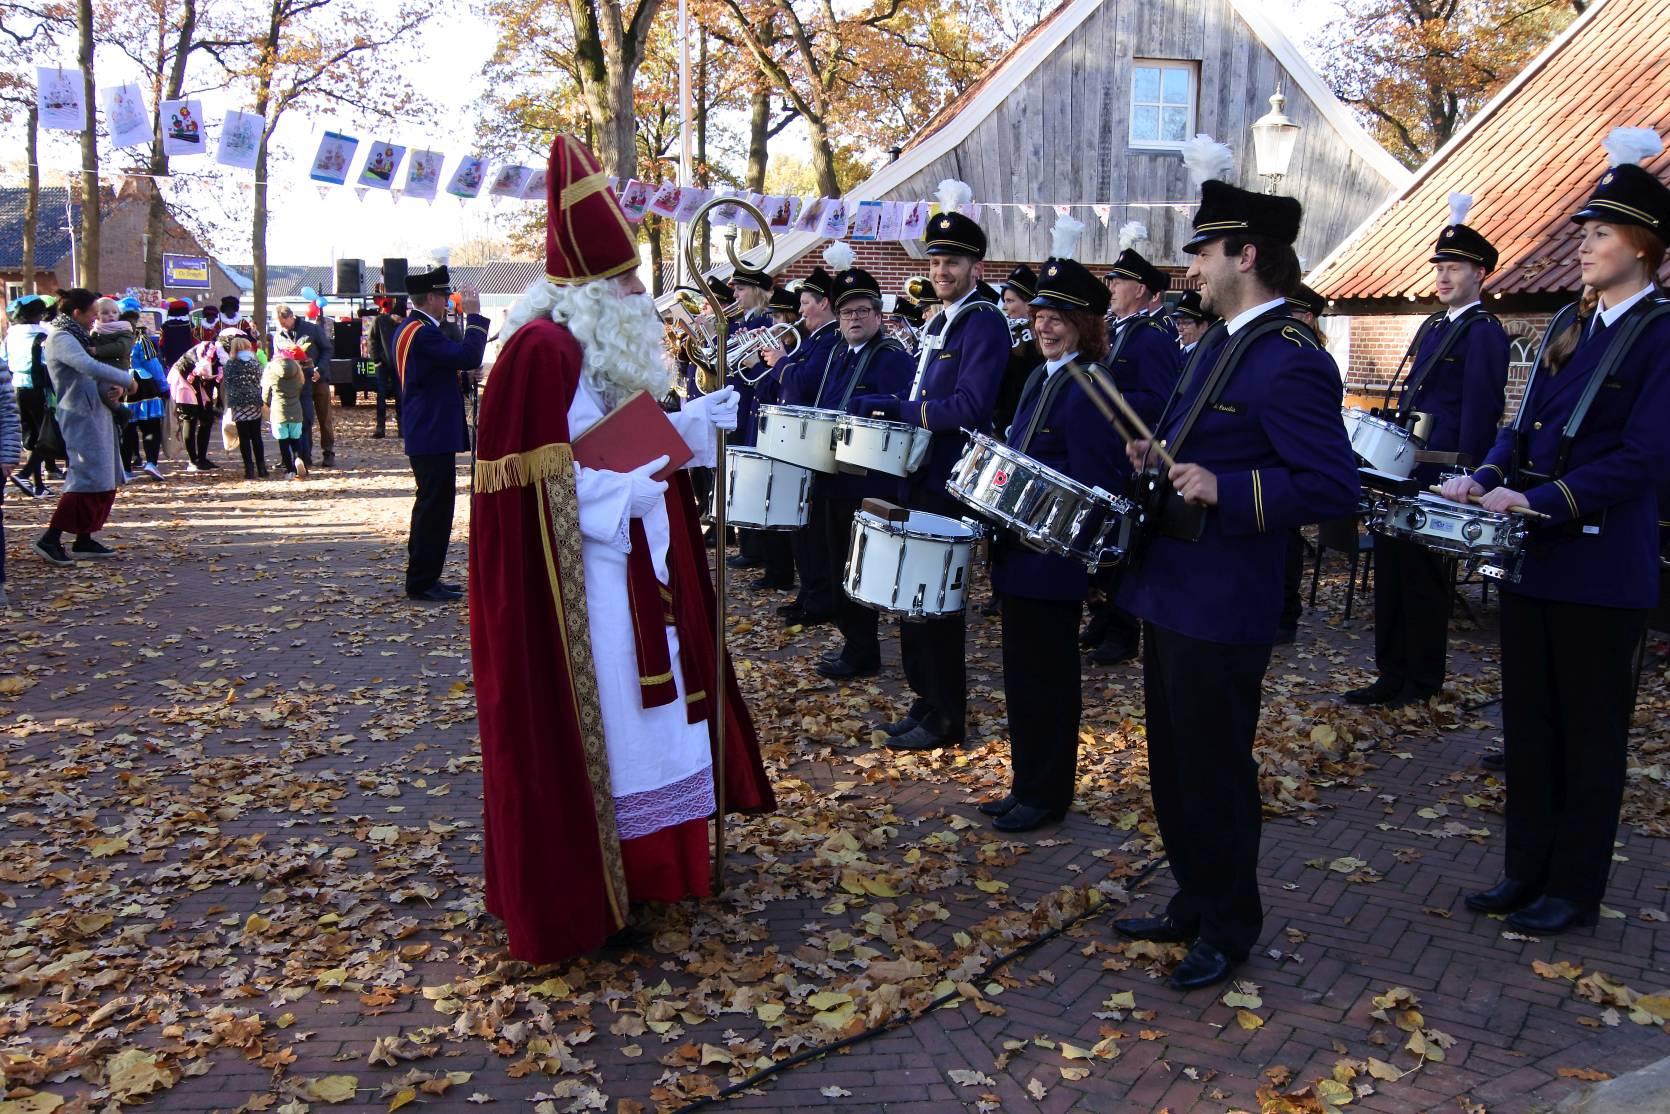 Intocht Sinterklaas Geesteren 2018